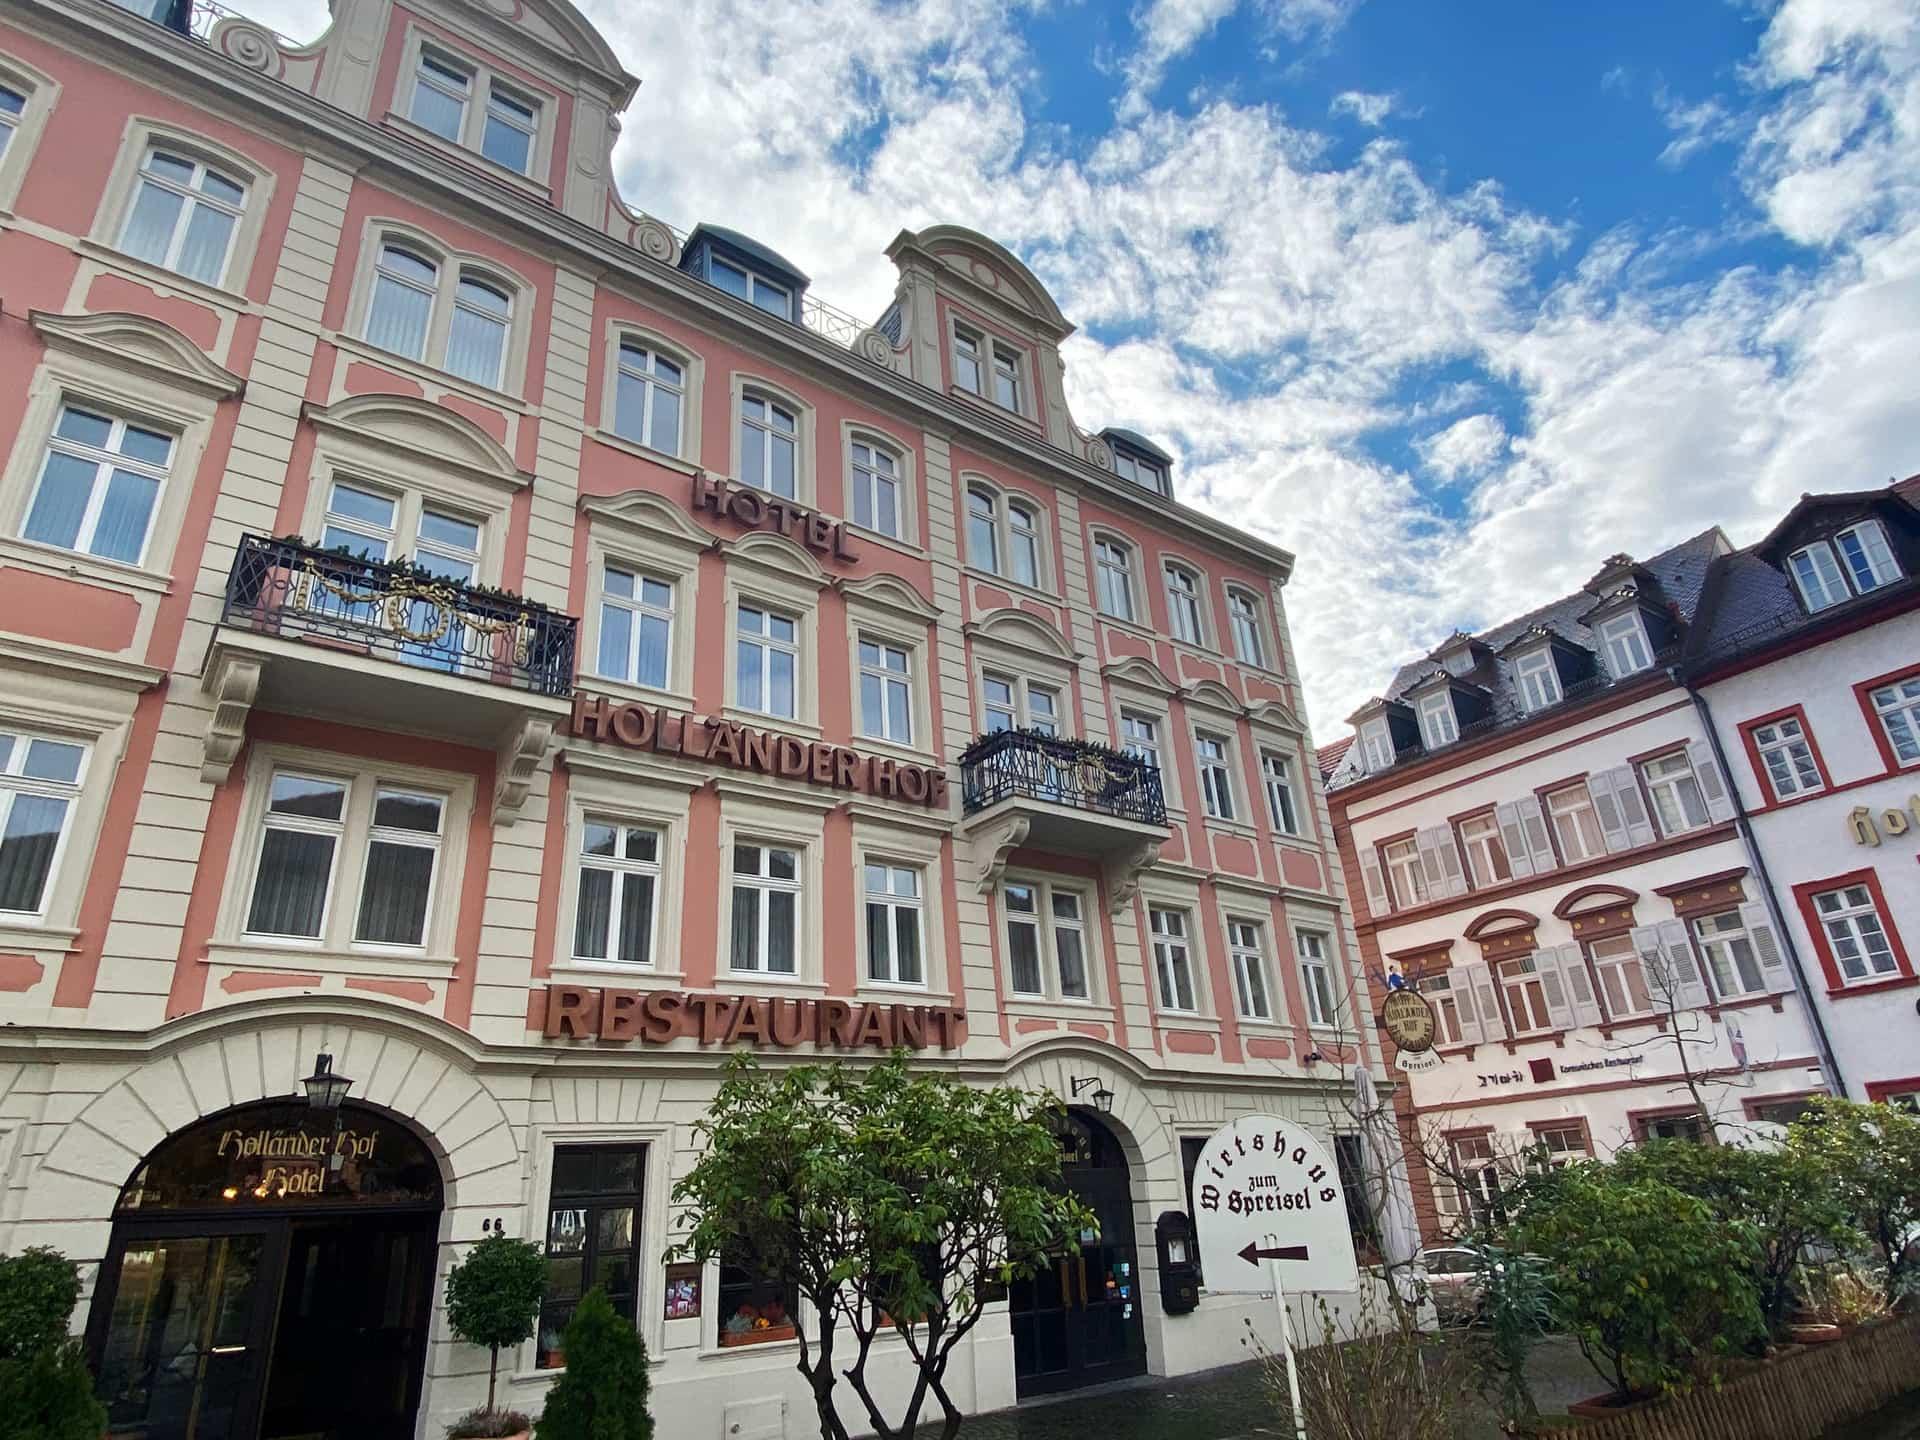 Hotel Holländer Hof Heidelberg